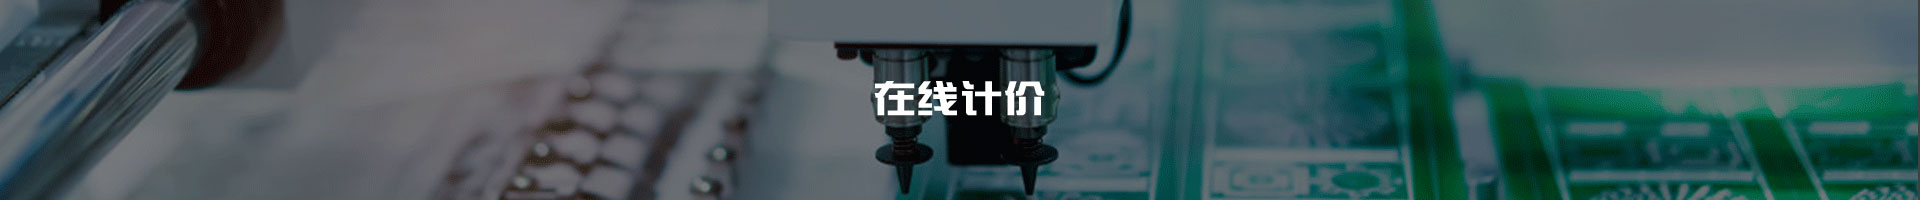 PCB_SMT_header2.jpg